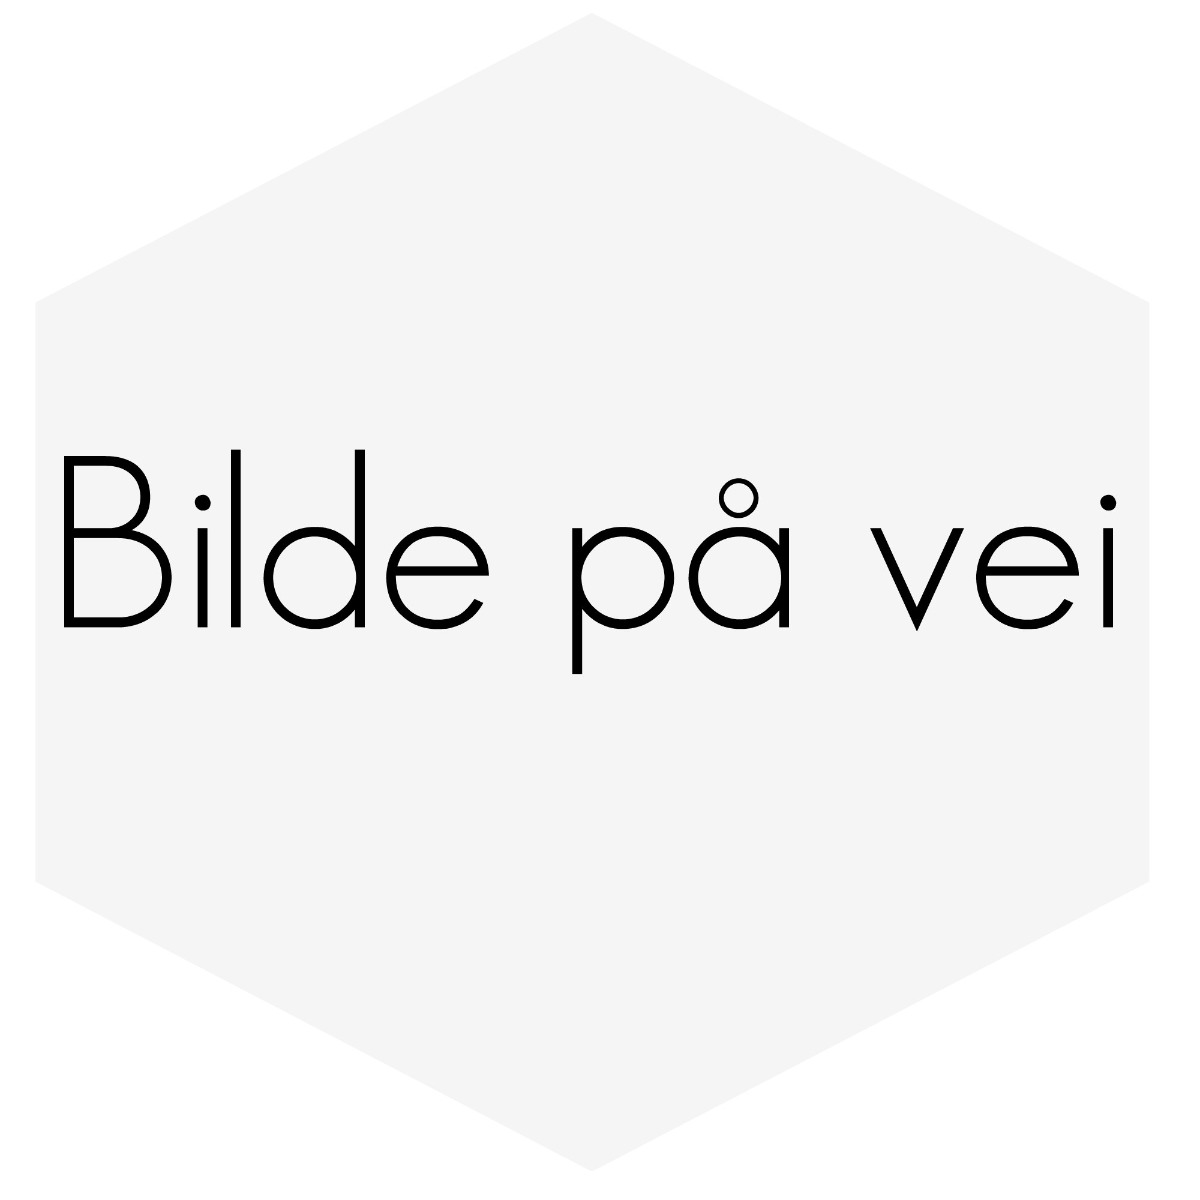 SILIKONSLANGE RØD KOBLING 0,625'' (16MM)